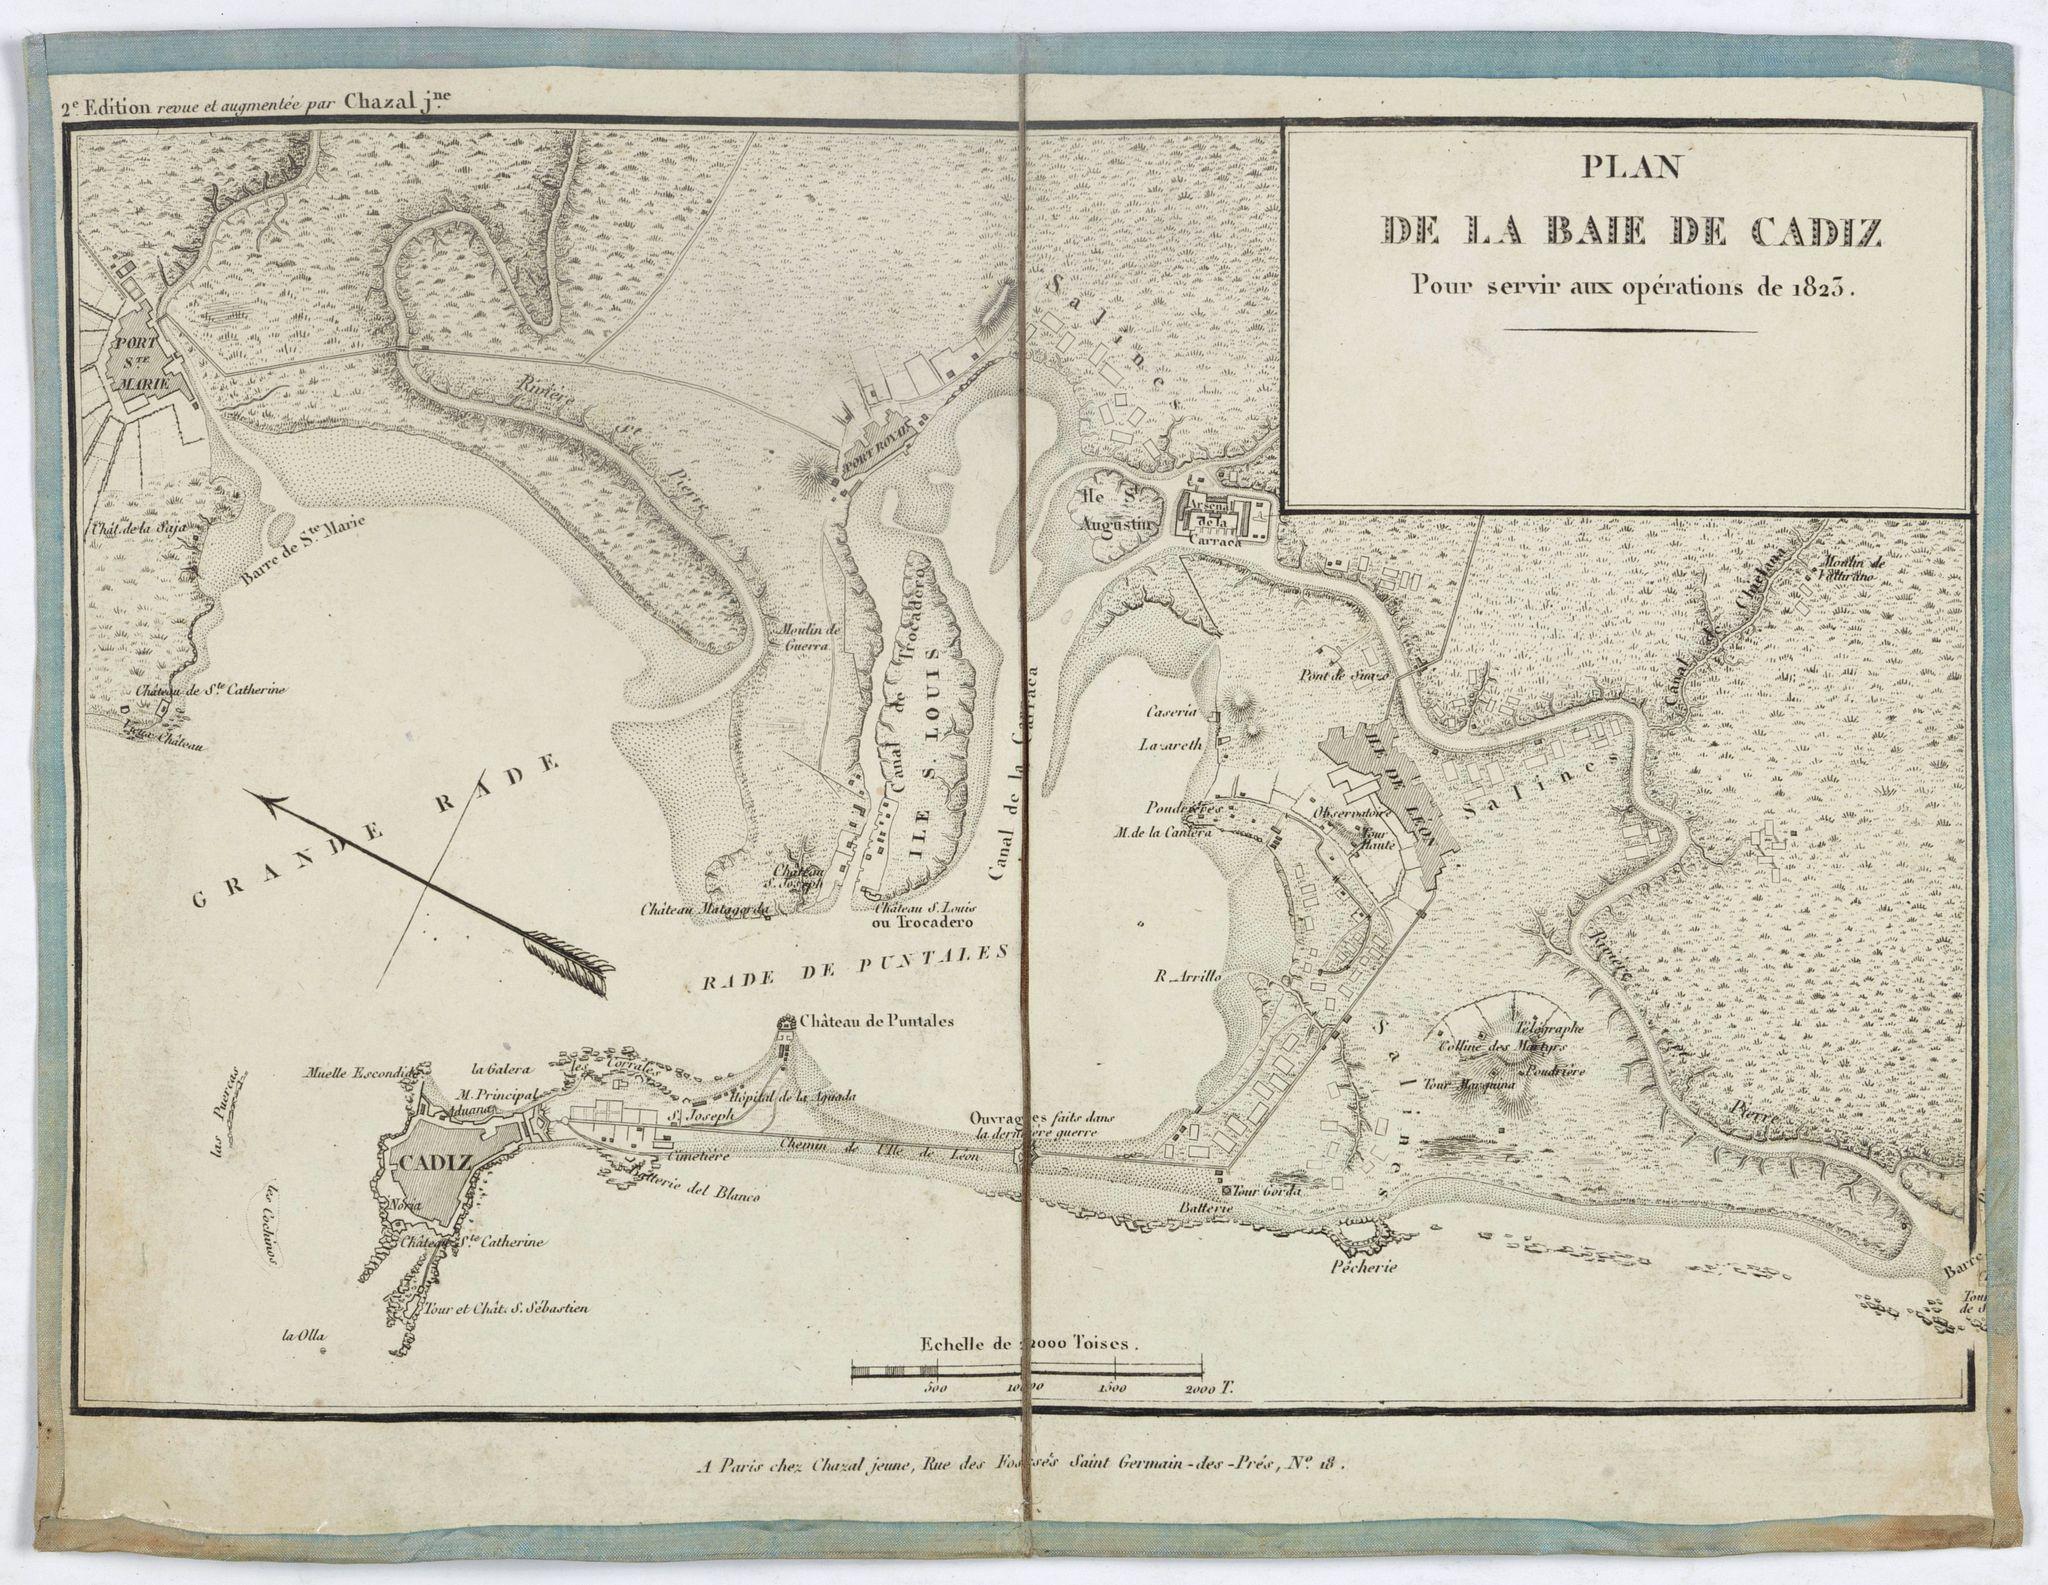 CHAZAL Jr. -  Plan de la baie de Cadiz pour servir aux opérations de 1823.